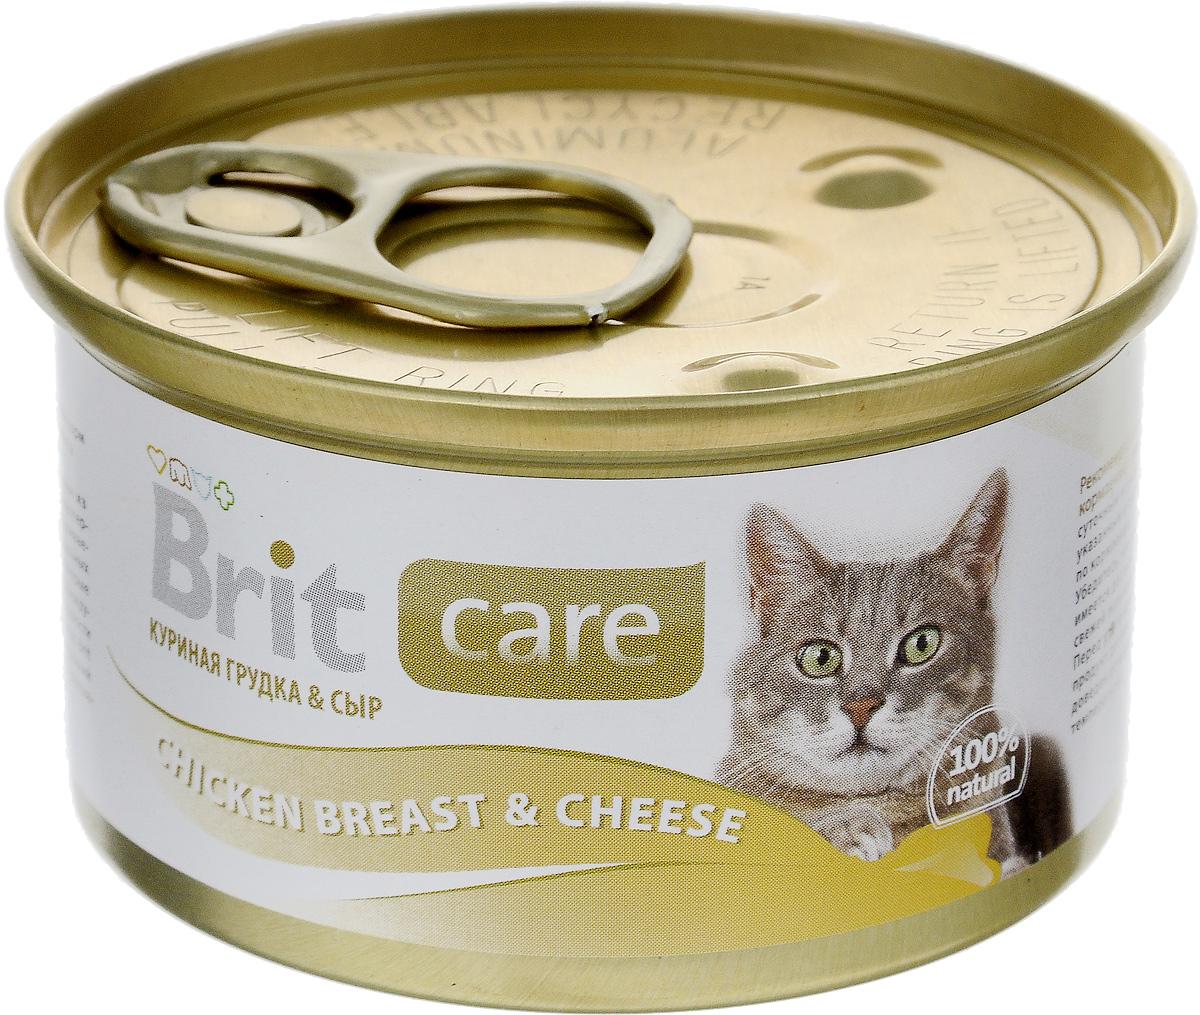 Консервы для кошек Brit Care, с куриной грудкой и сыром, 80 г103209016Консервы для кошек Brit Care - влажный корм класса премиум для кошек, с куриной грудкой и сыром. Изготовлен только из натуральных, гипоаллергенных, легко усваиваемых ингредиентов, которые снижают риск индивидуальной непереносимости пищевых продуктов. Корм помогает поддерживать внутренний баланс организма животного, что улучшает качество жизни вашей кошки. Товар сертифицирован.